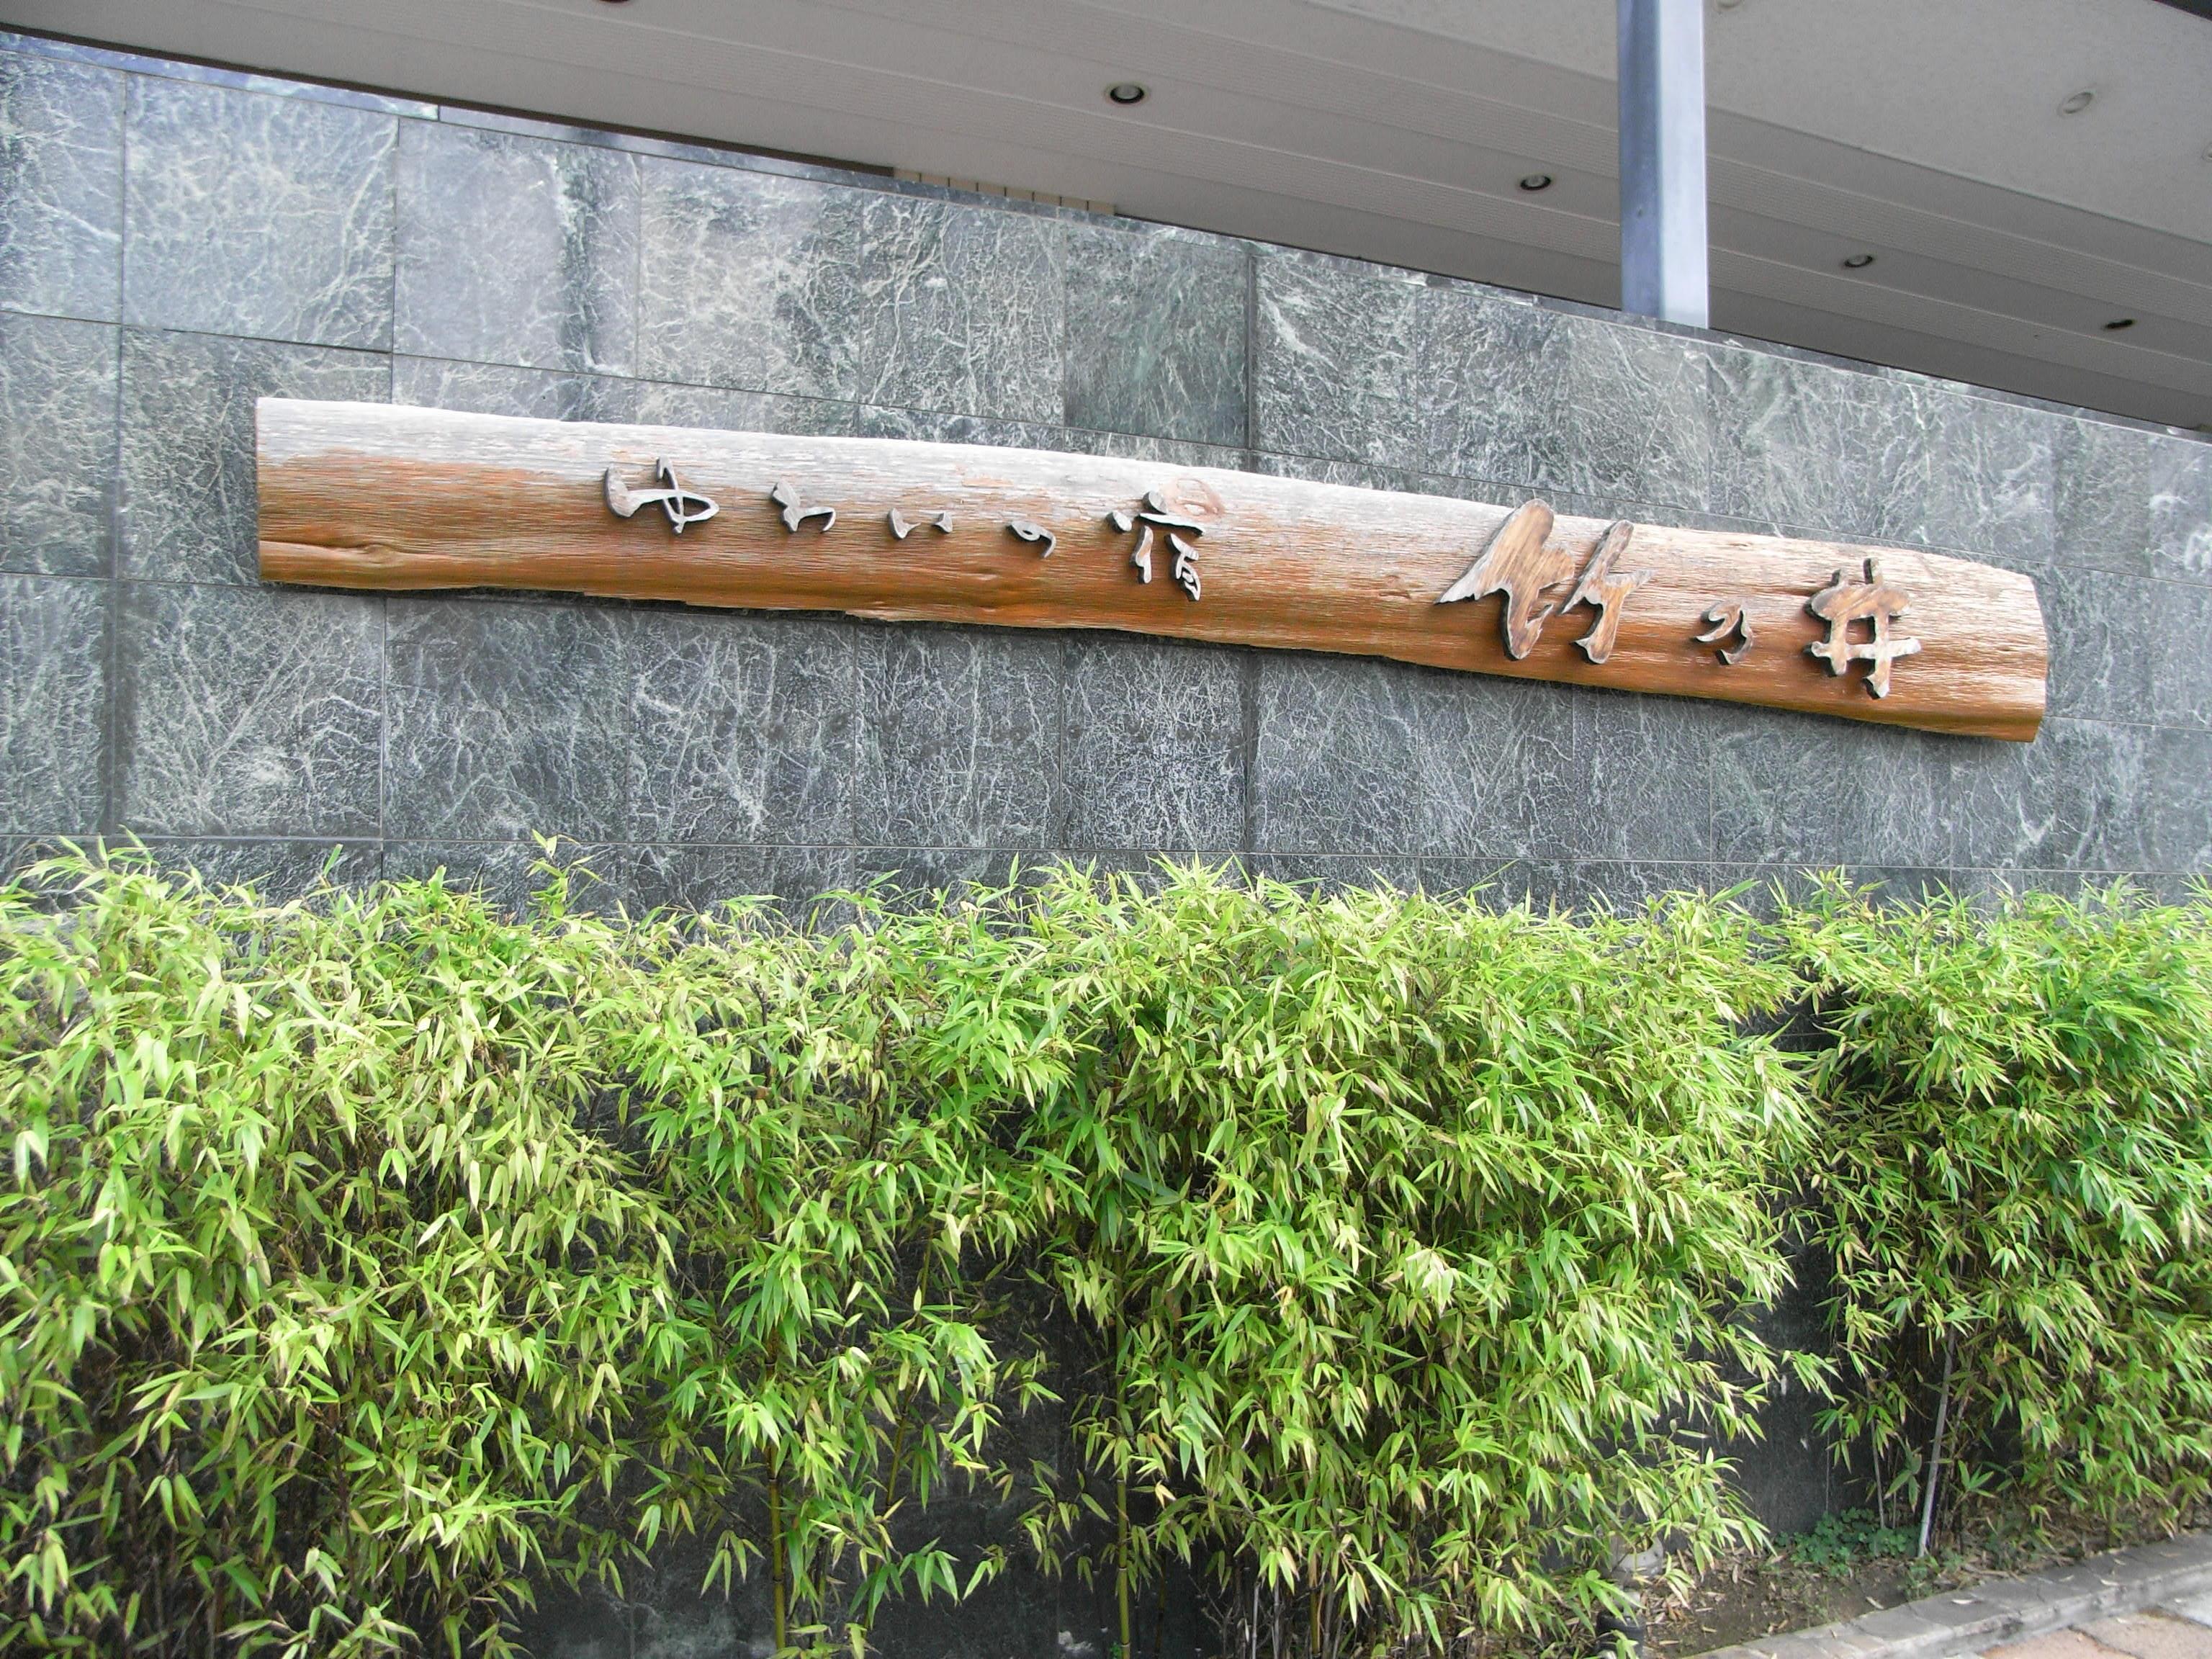 ゆわいの宿竹の井